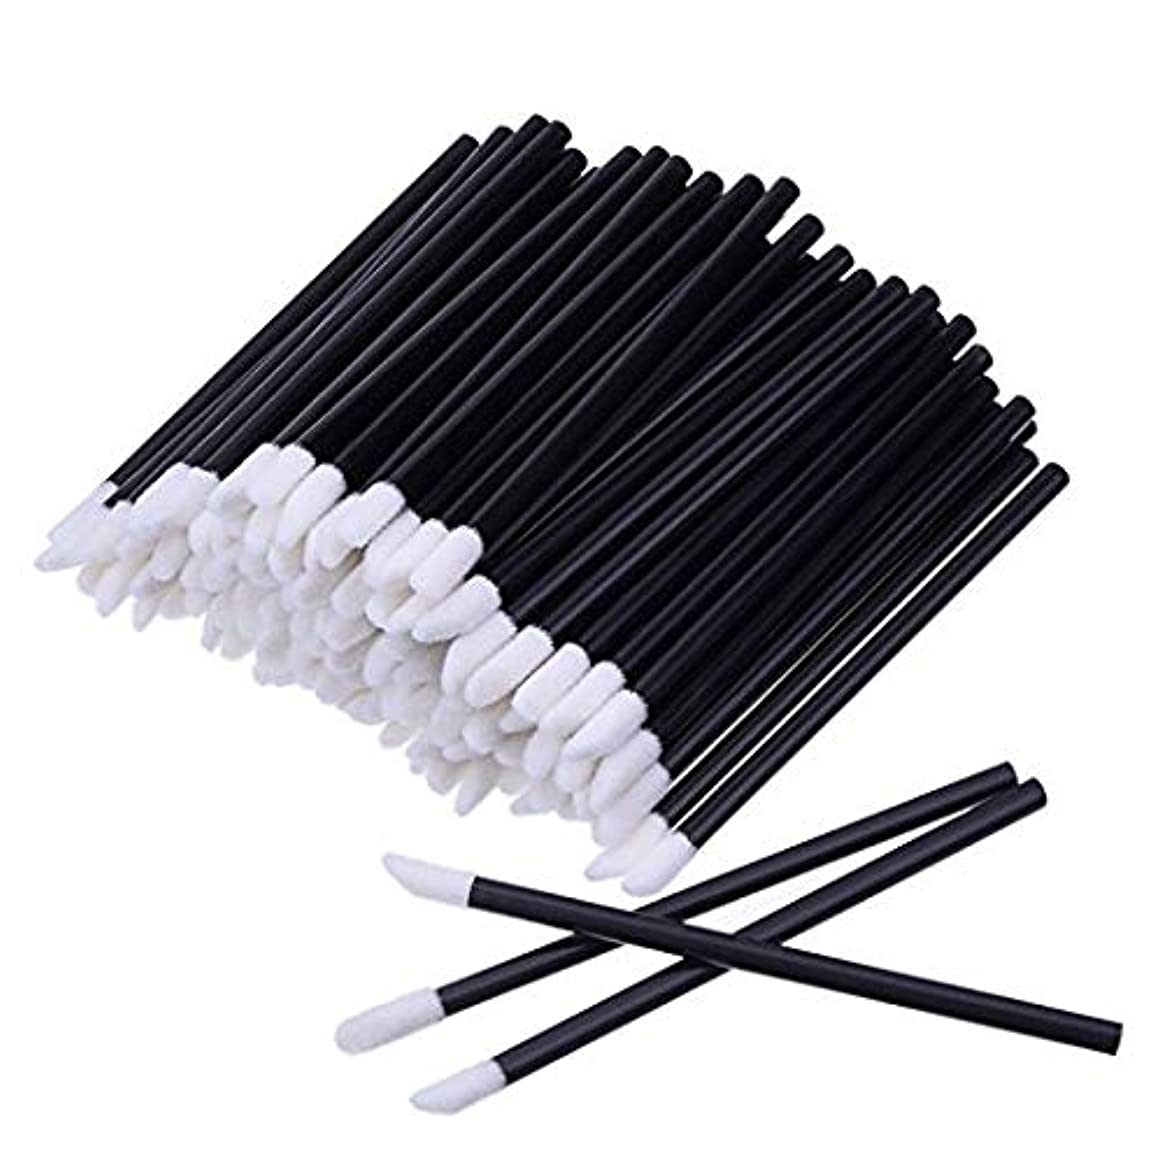 種をまく滑る酸度KEDSUM リップブラシ 使い捨て 300本入り メイクブラシ 化粧用品 化粧筆 化粧ブラシ 携帯用 便利 (ブラック)